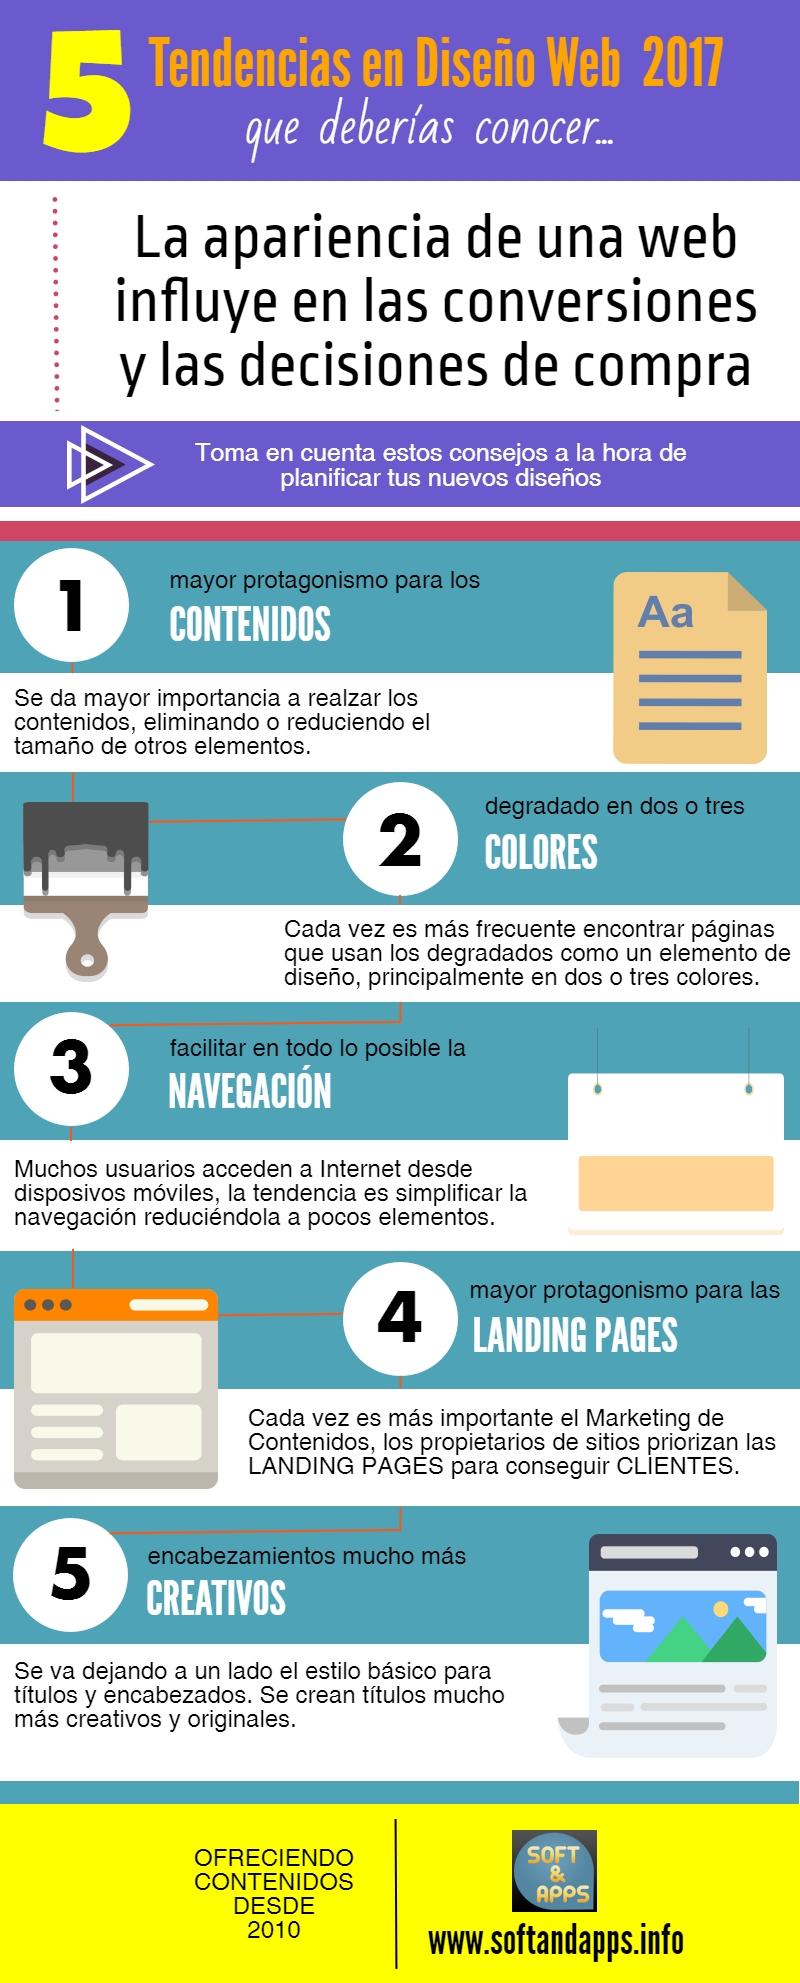 Tendencias en Diseño Web 2017 Infografía 5 Tendencias en Diseño Web 2017 que deberías tomar en cuenta